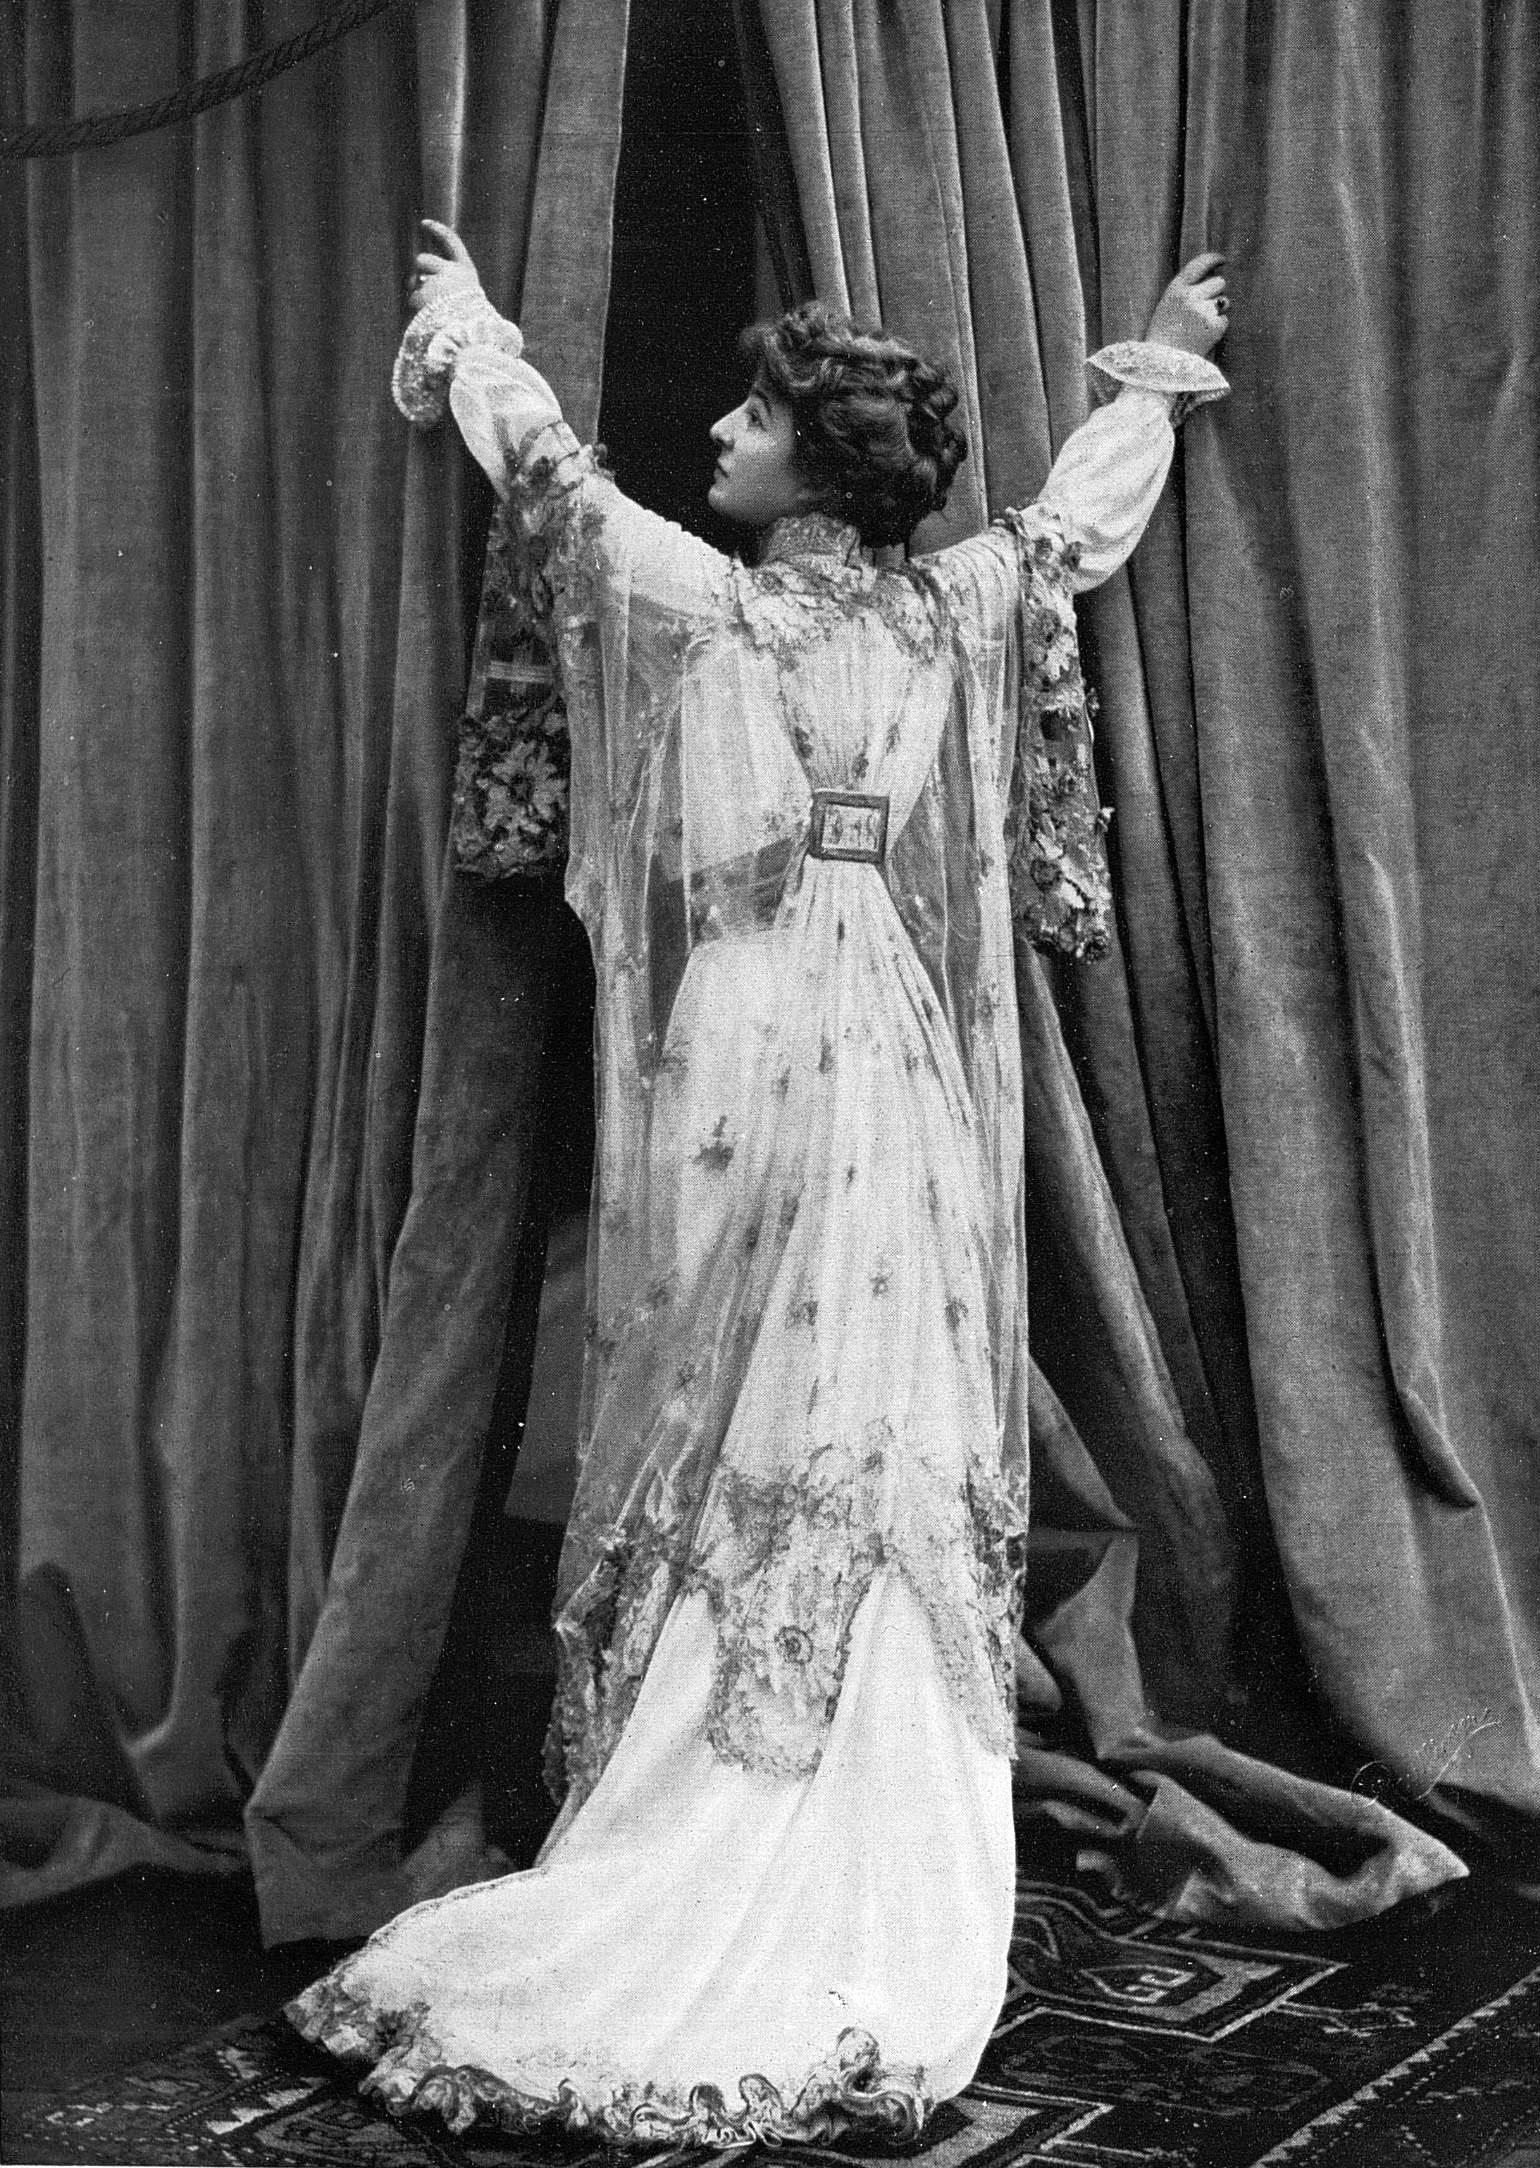 File:Tea-gown par Redfern 1907 cropped.jpg - Wikimedia Commons